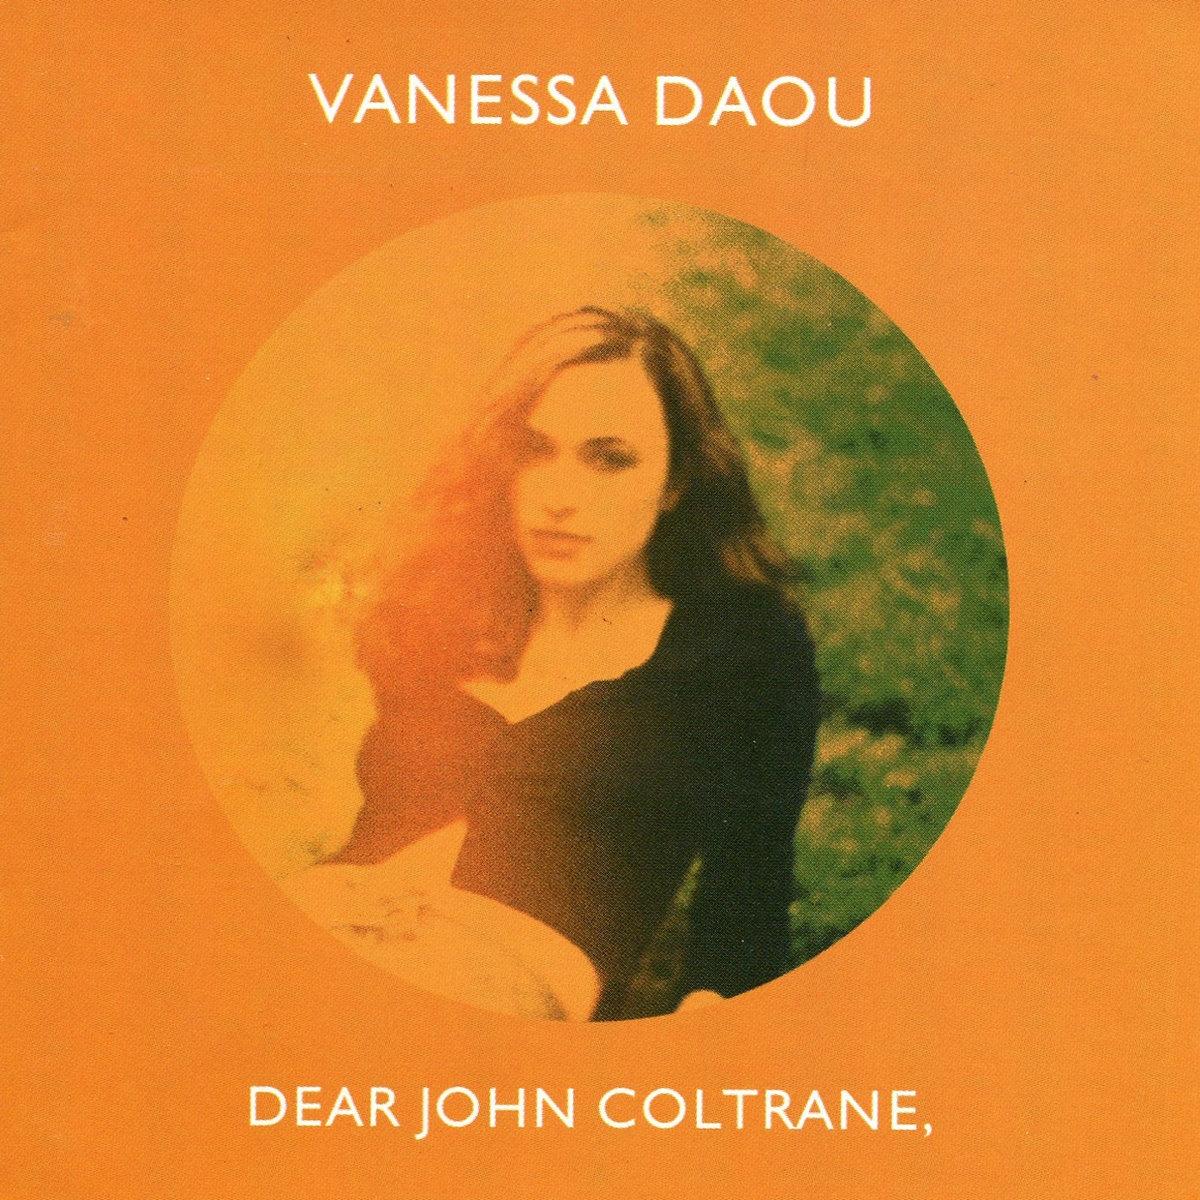 Vanessa DaouDear John Coltrane - OXYGEN MUSIC WORKS / DAOU MUSIC, 1999